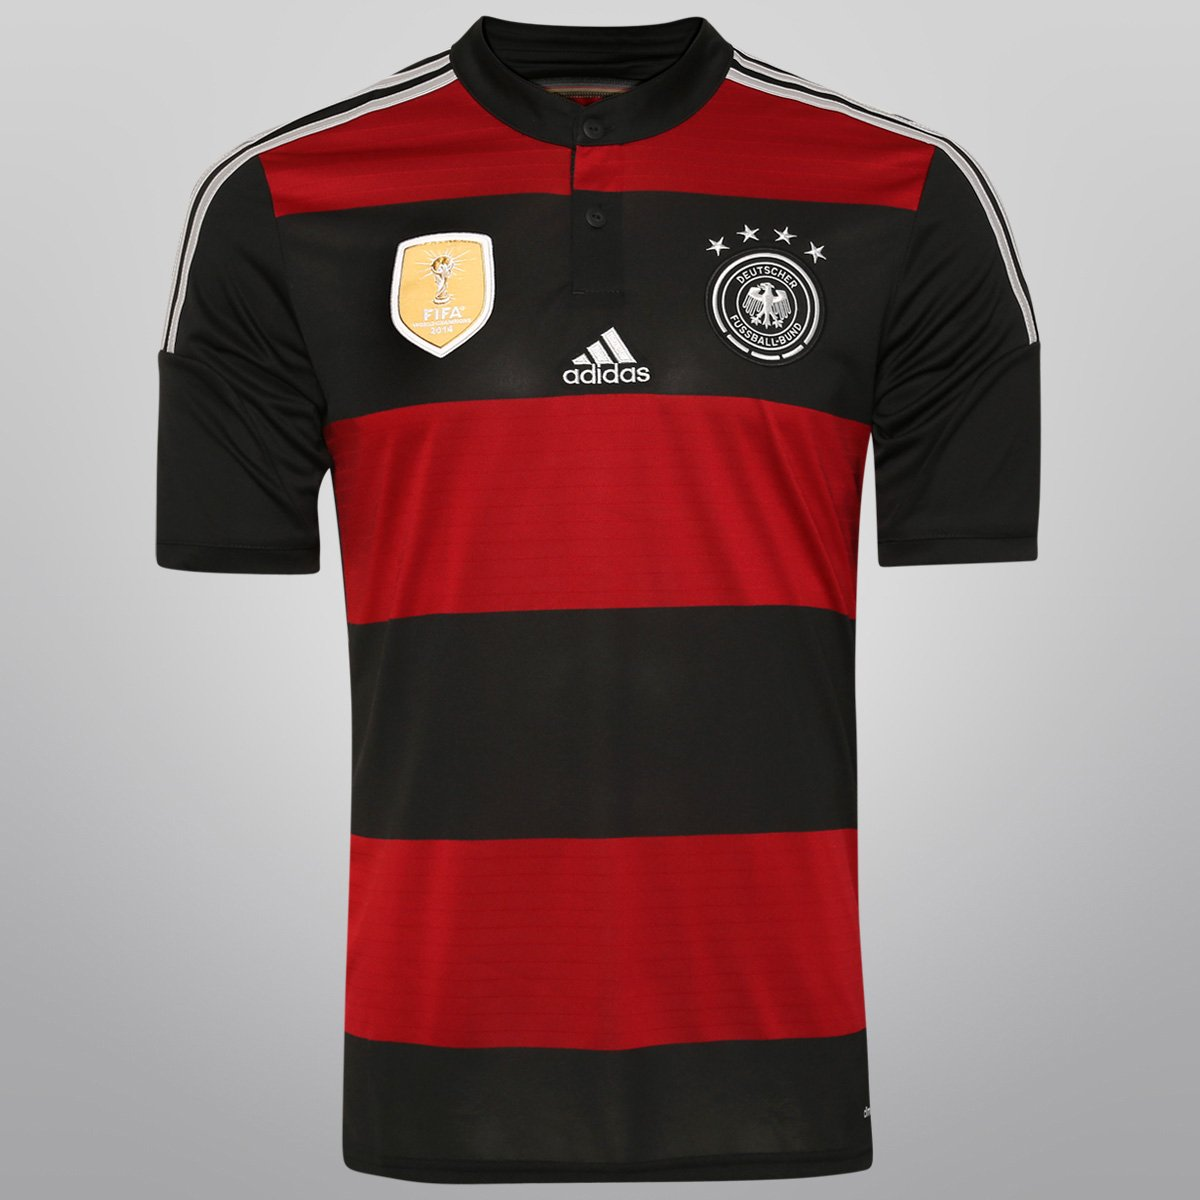 ec91cf67d70ff Camisa Adidas Seleção Alemanha Away 14 15 s n° - Tetracampeã Mundial -  Compre Agora